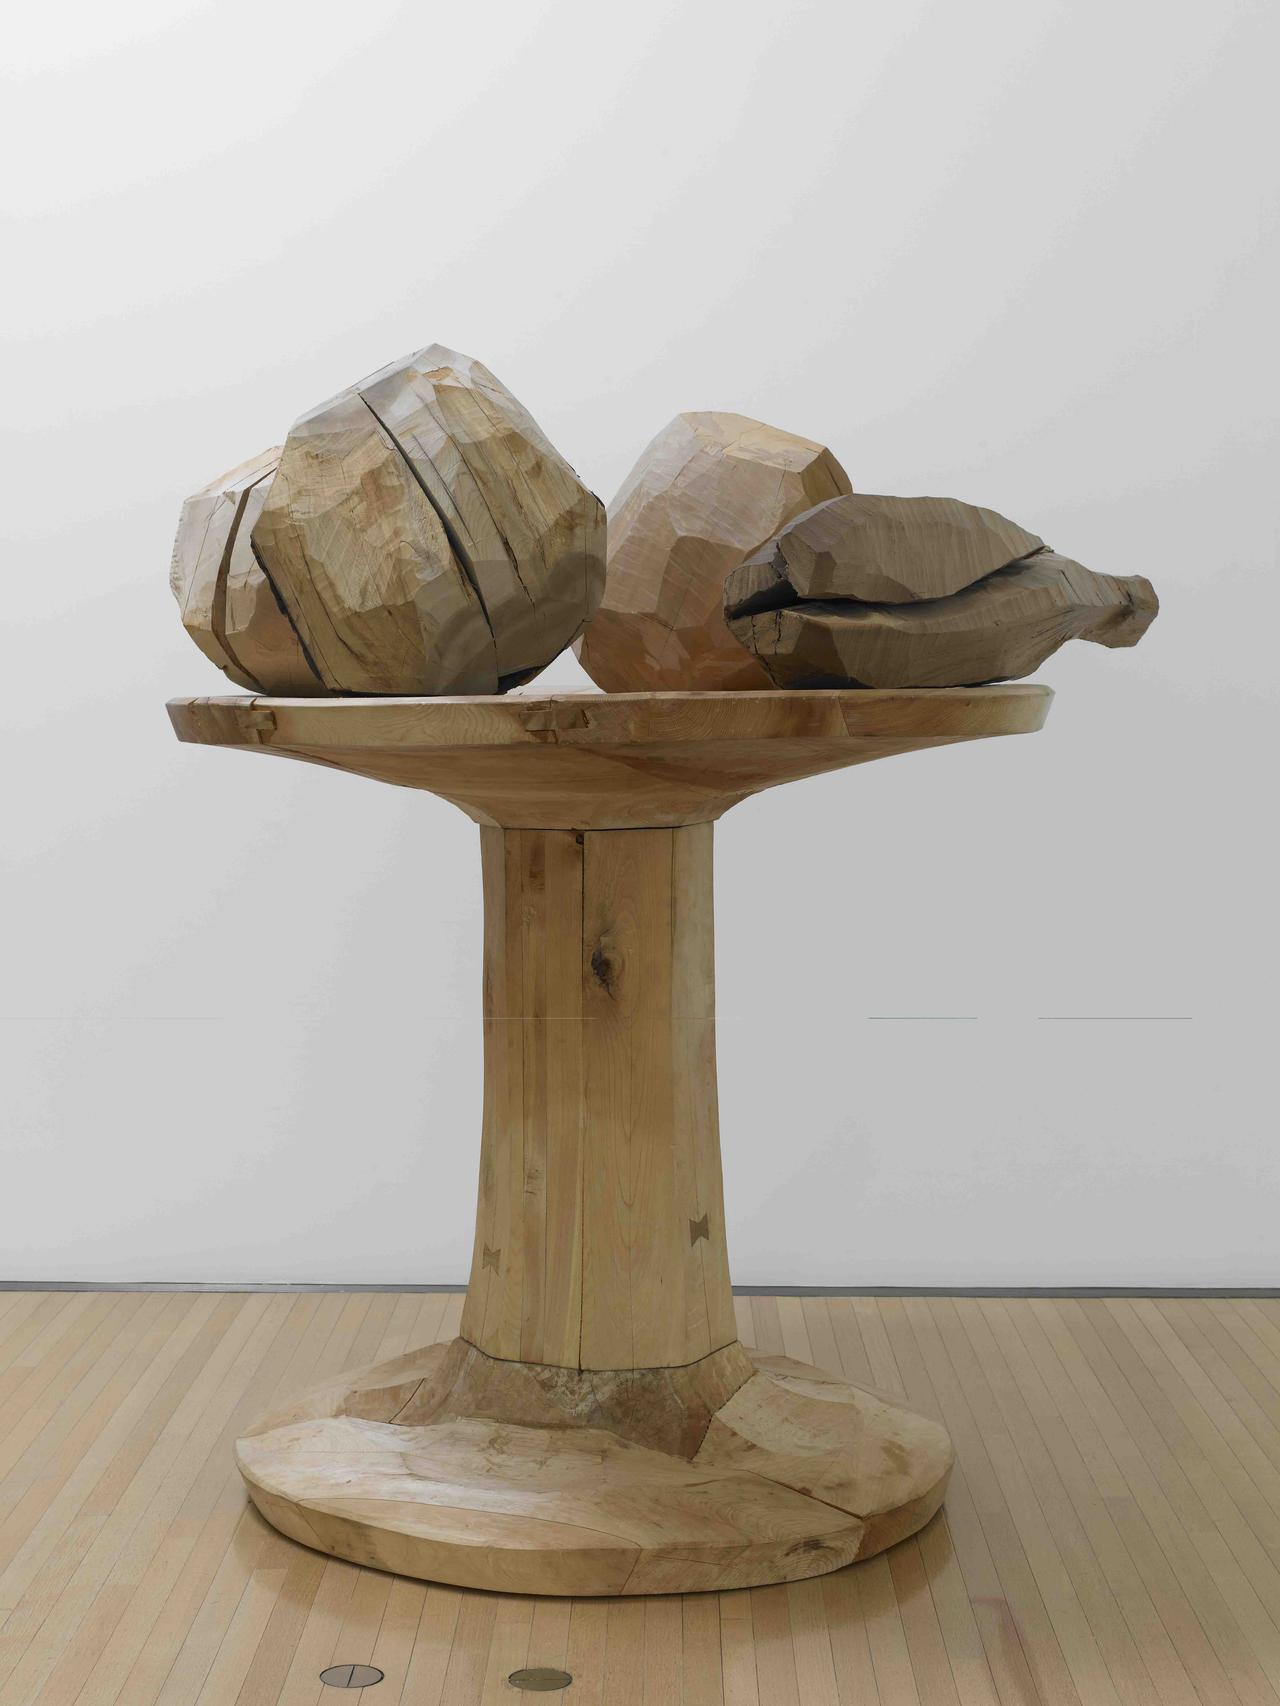 画像: 松井紫朗《carved goblet with four masses》1984年 豊田市美術館蔵